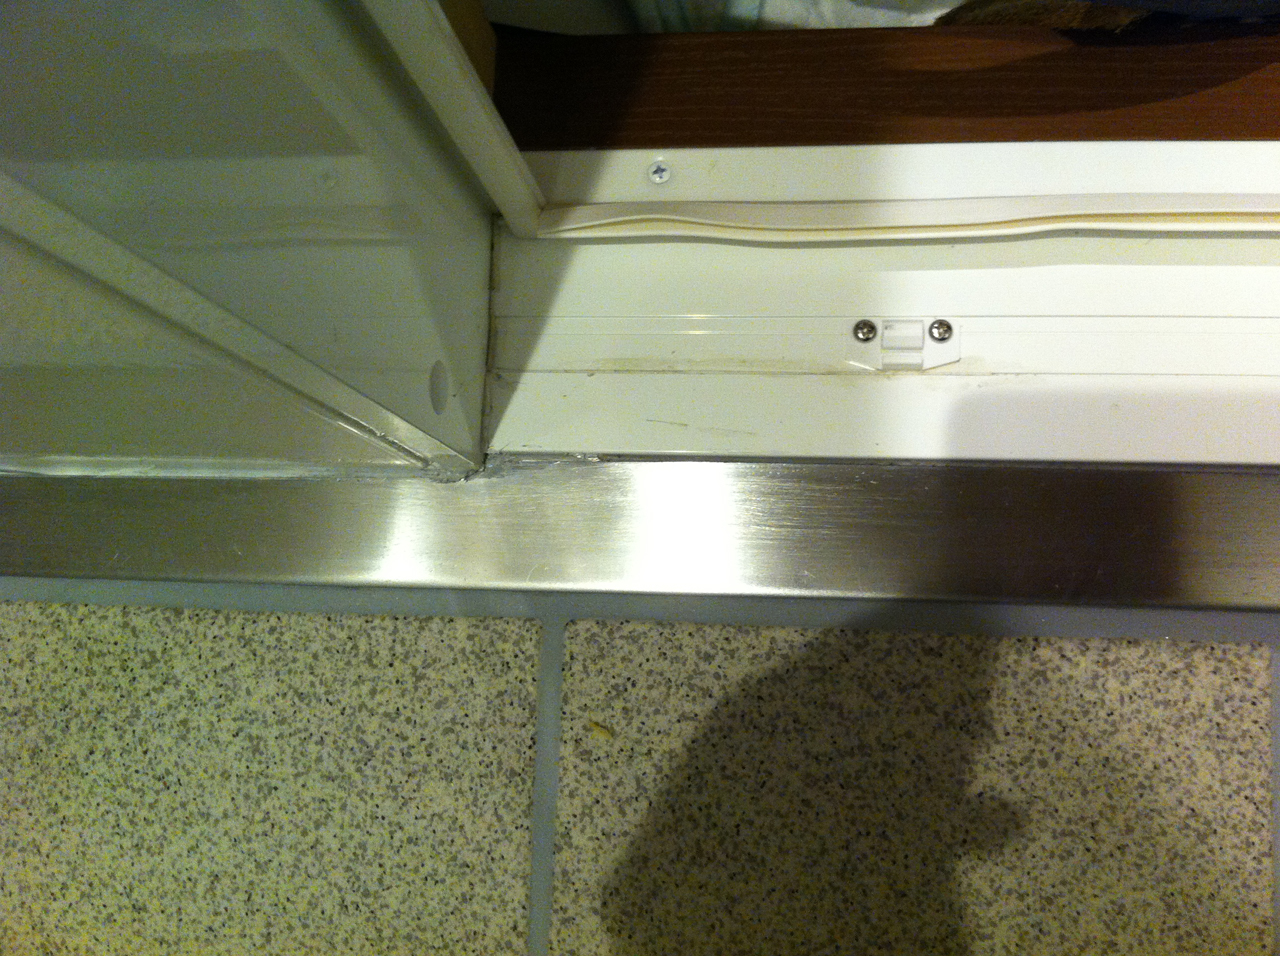 シャワーユニット入り口部分の凹み補修